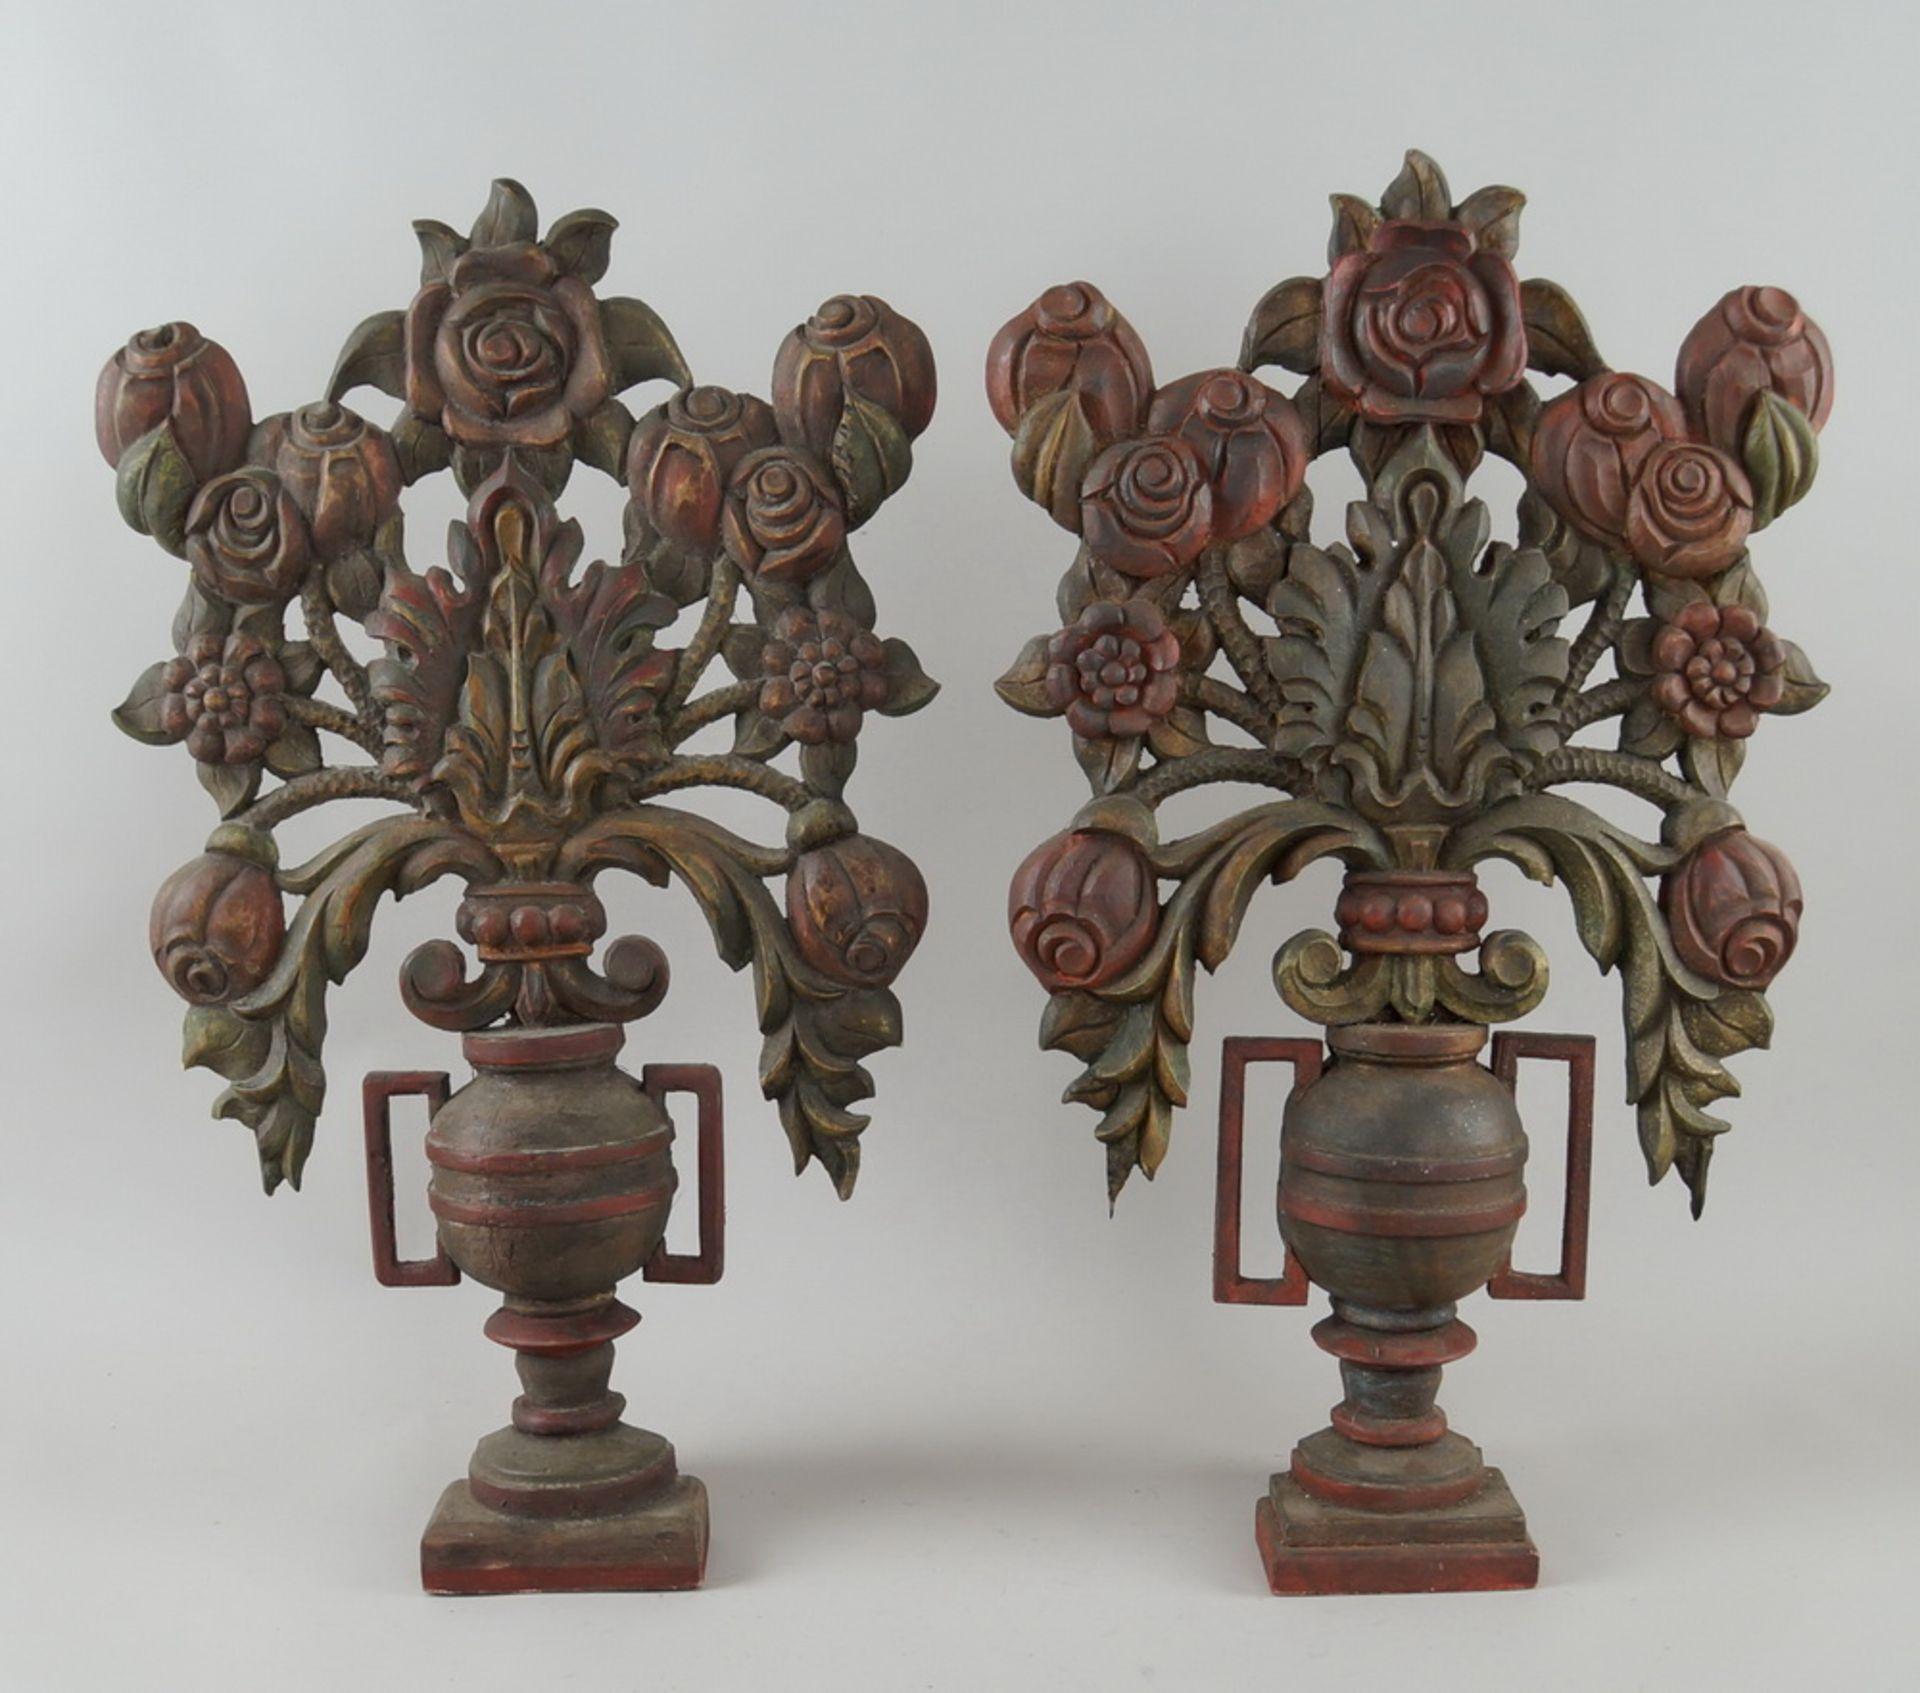 Paar bäuerliche Maiblumen / Altarvasen, Holz geschnitzt und gefasst, 63x35x13cm - Bild 2 aus 6